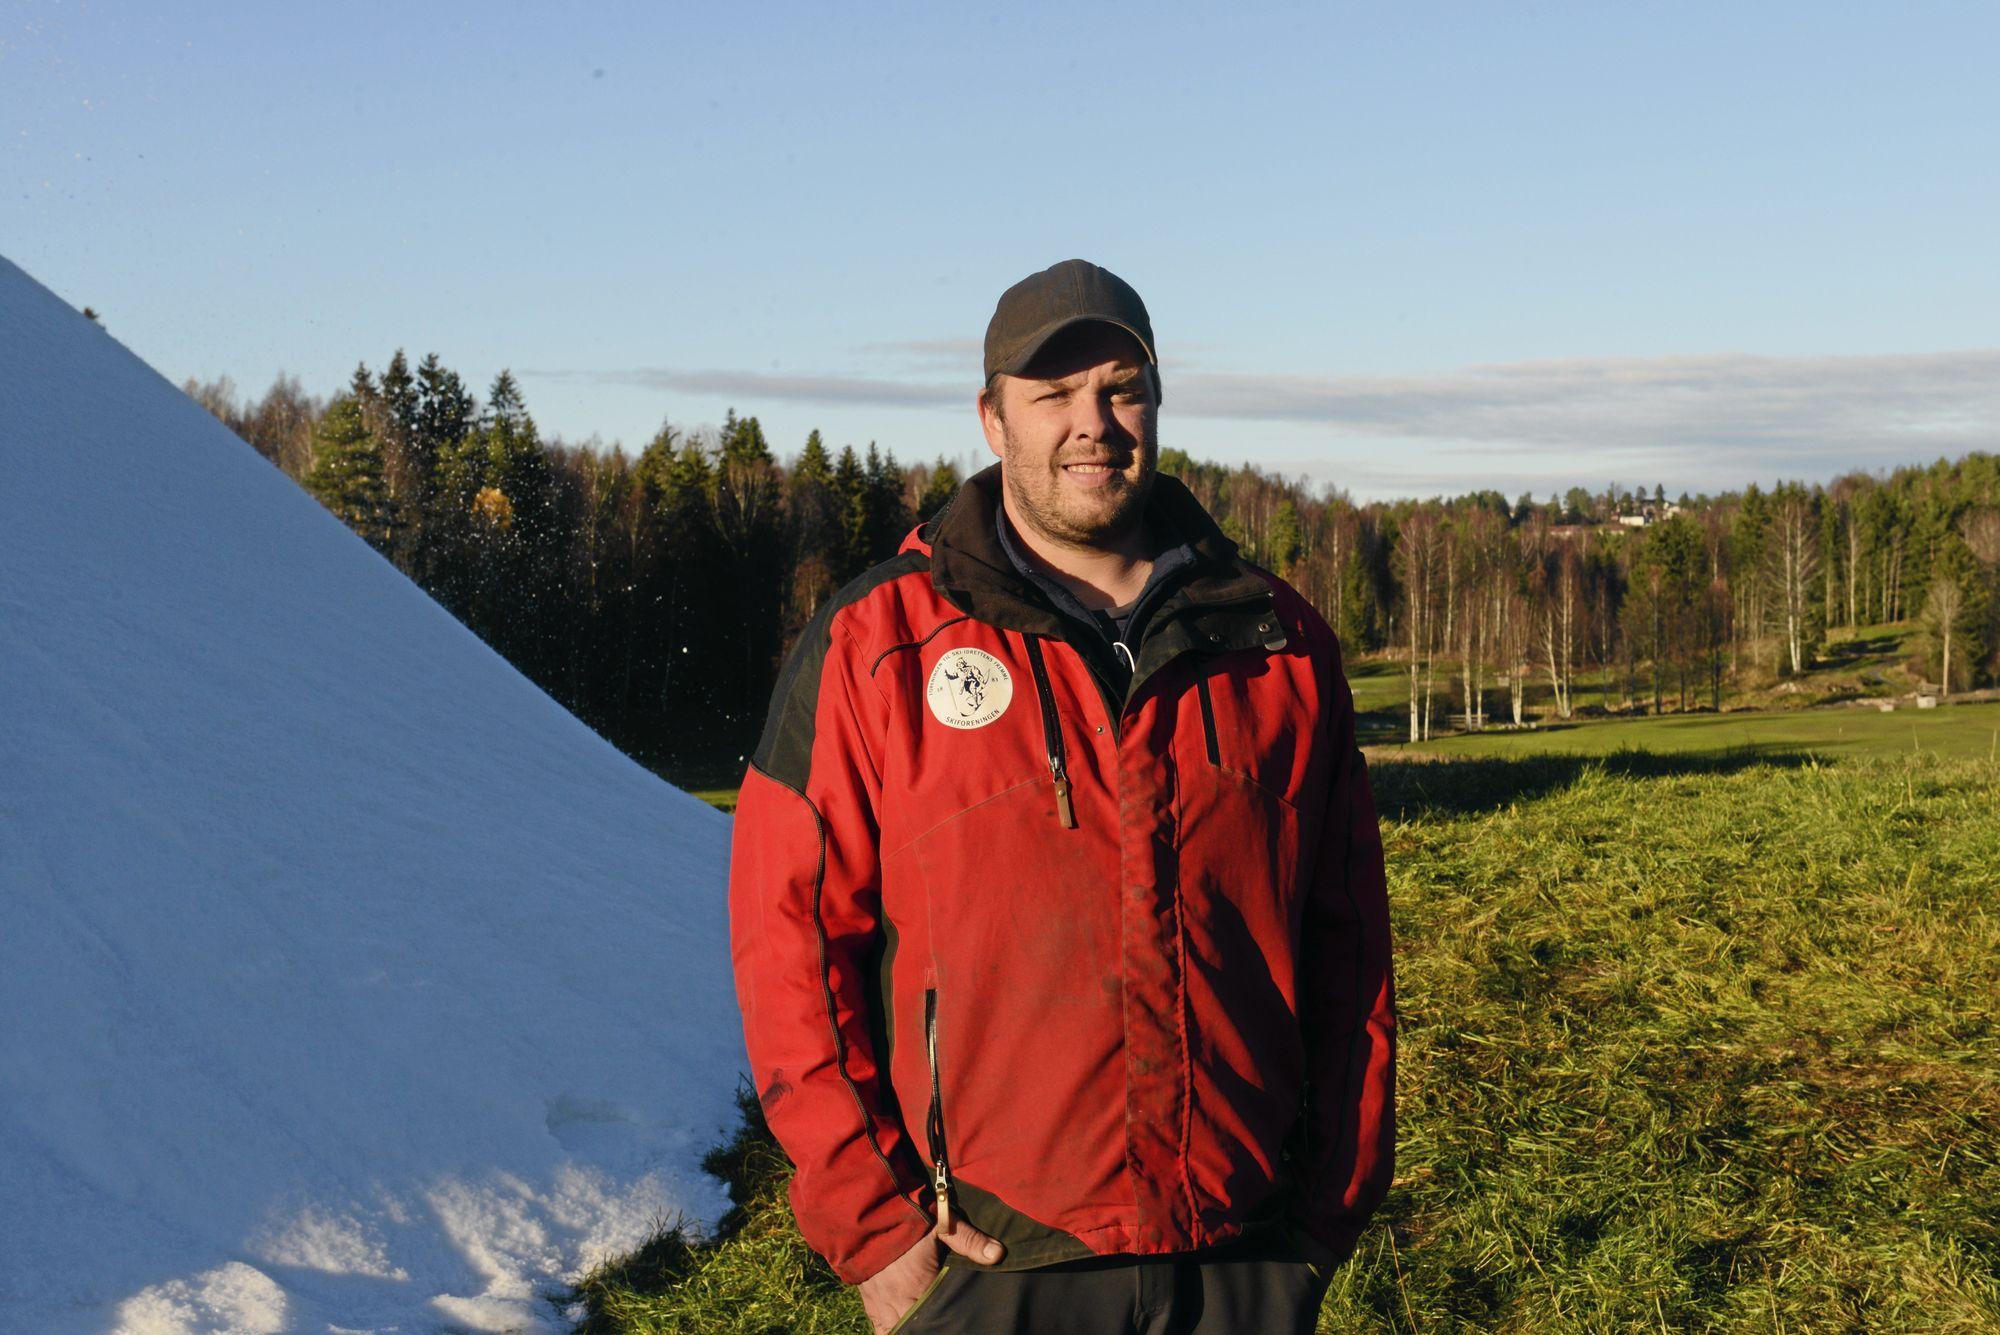 VINTERKONGEN: Terje Martinsen er klar for å lage vinter for alle, men snøkanonene må ha kaldere vær før de kan settes igang.